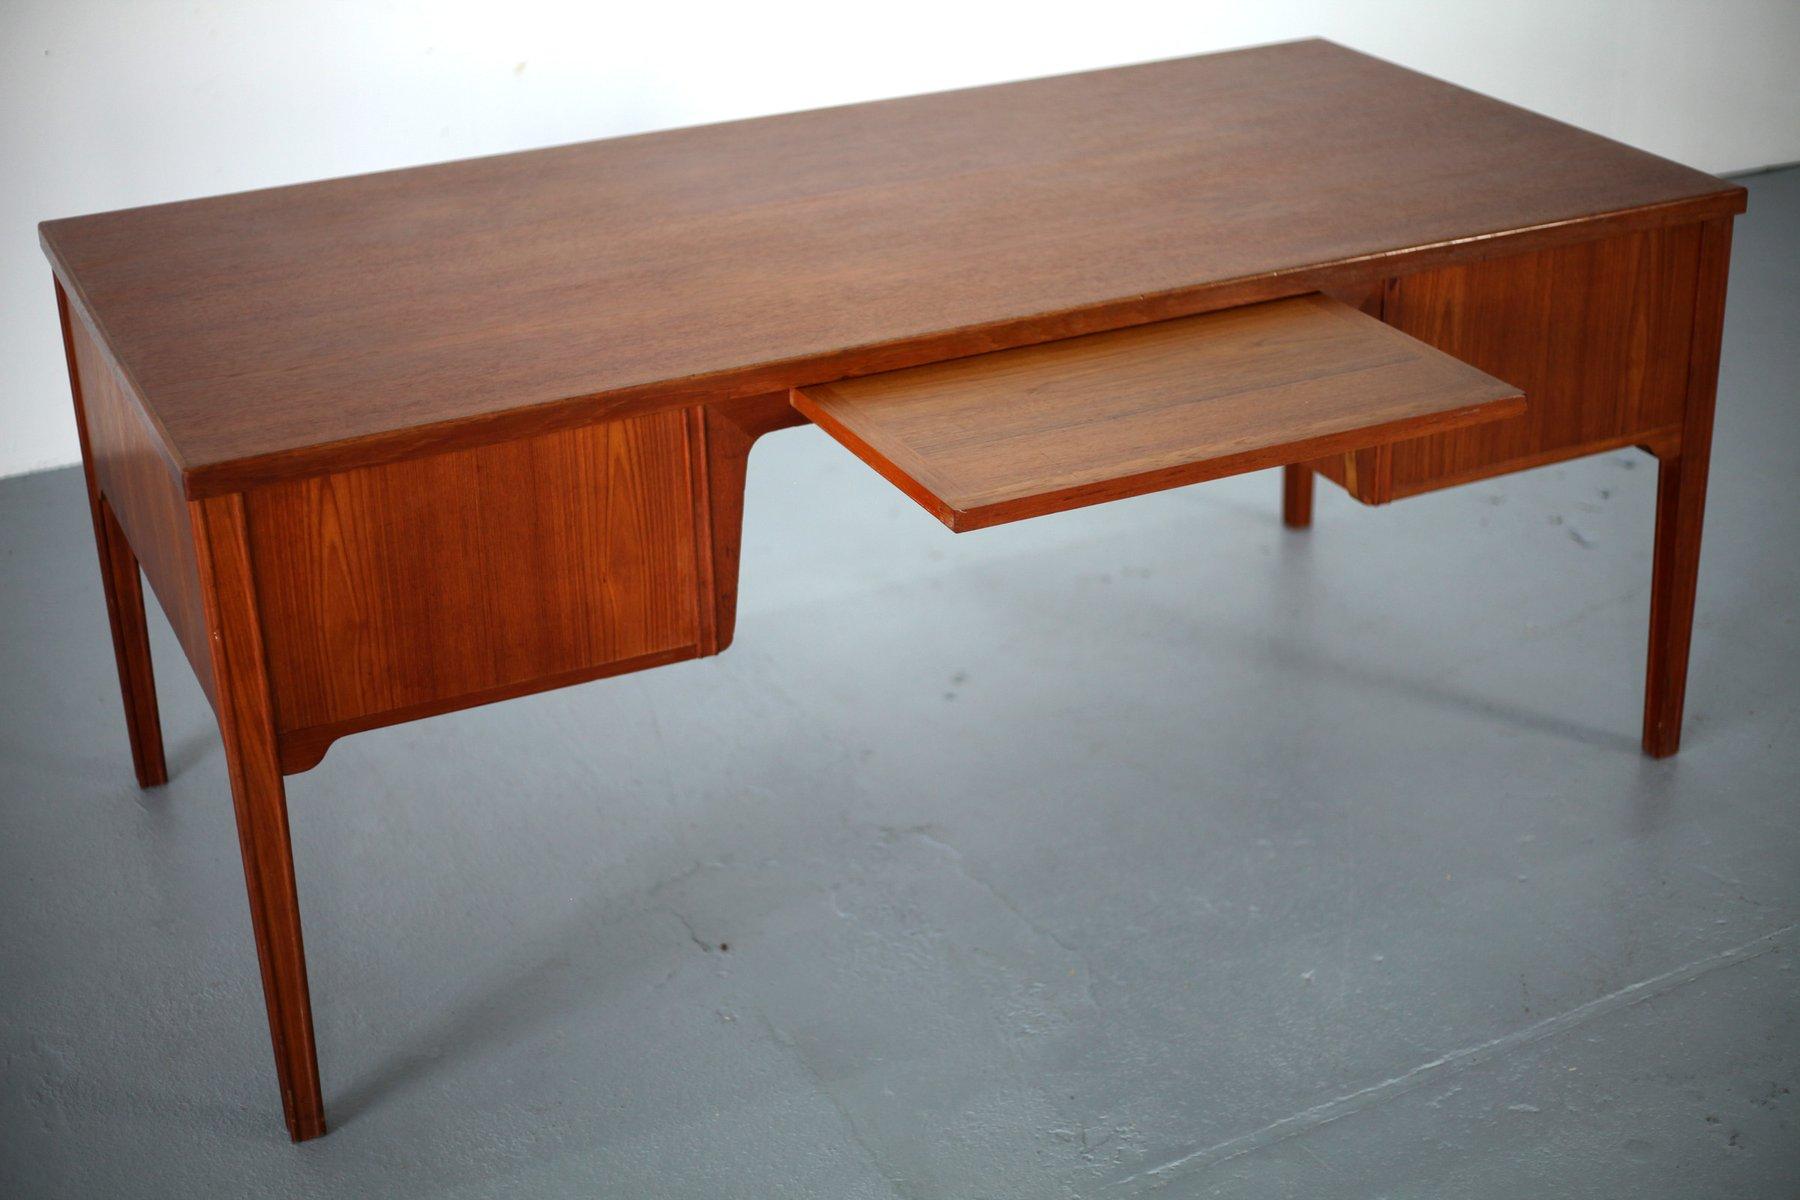 d nischer mid century teak schreibtisch mit sechs schubladen bei pamono kaufen. Black Bedroom Furniture Sets. Home Design Ideas